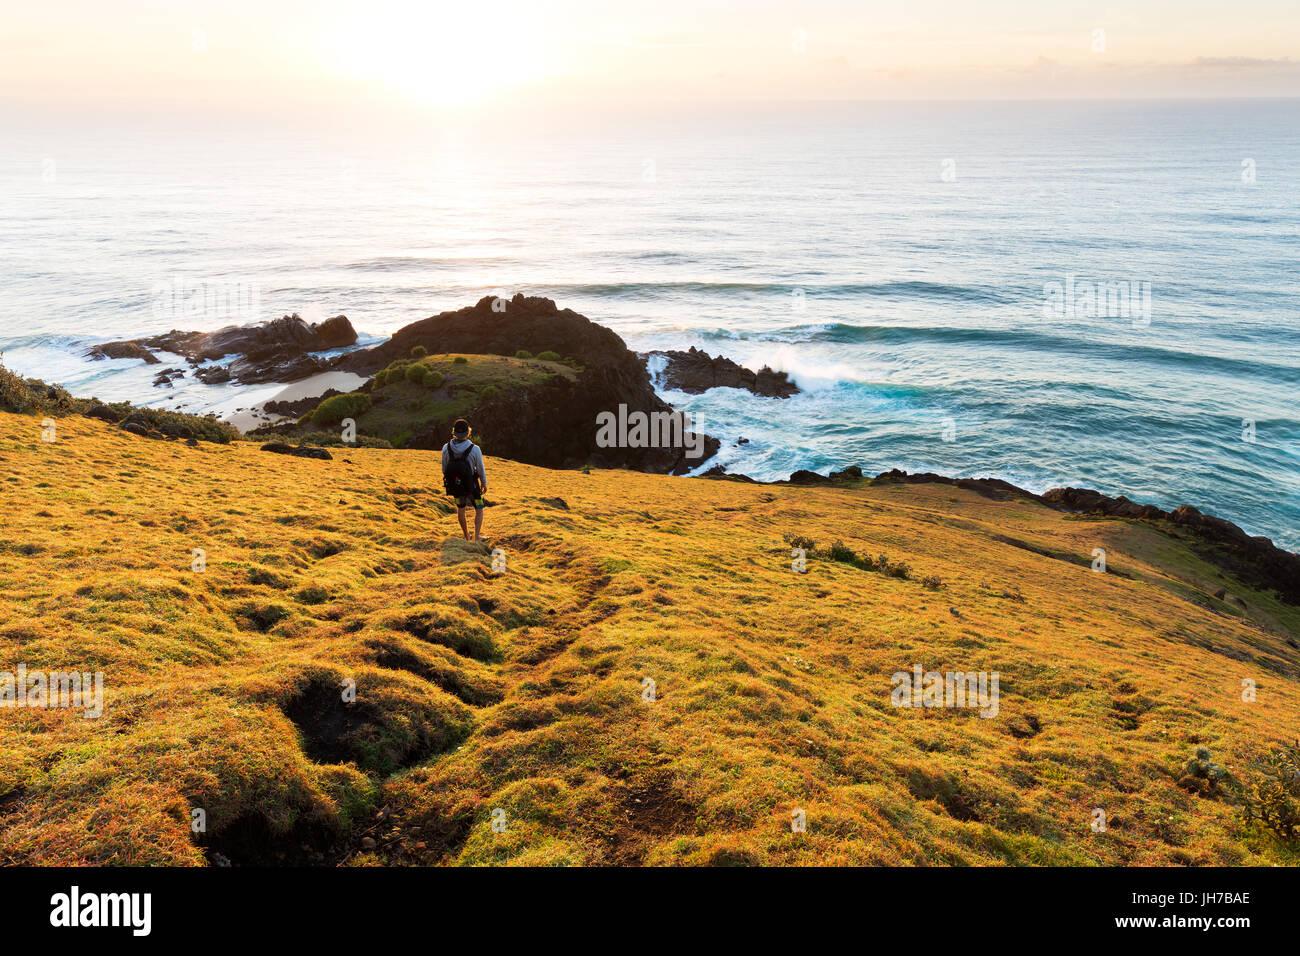 Una persona en una cabecera de hierba observa la puesta de sol sobre el mar y una hermosa costa en Australia. Imagen De Stock